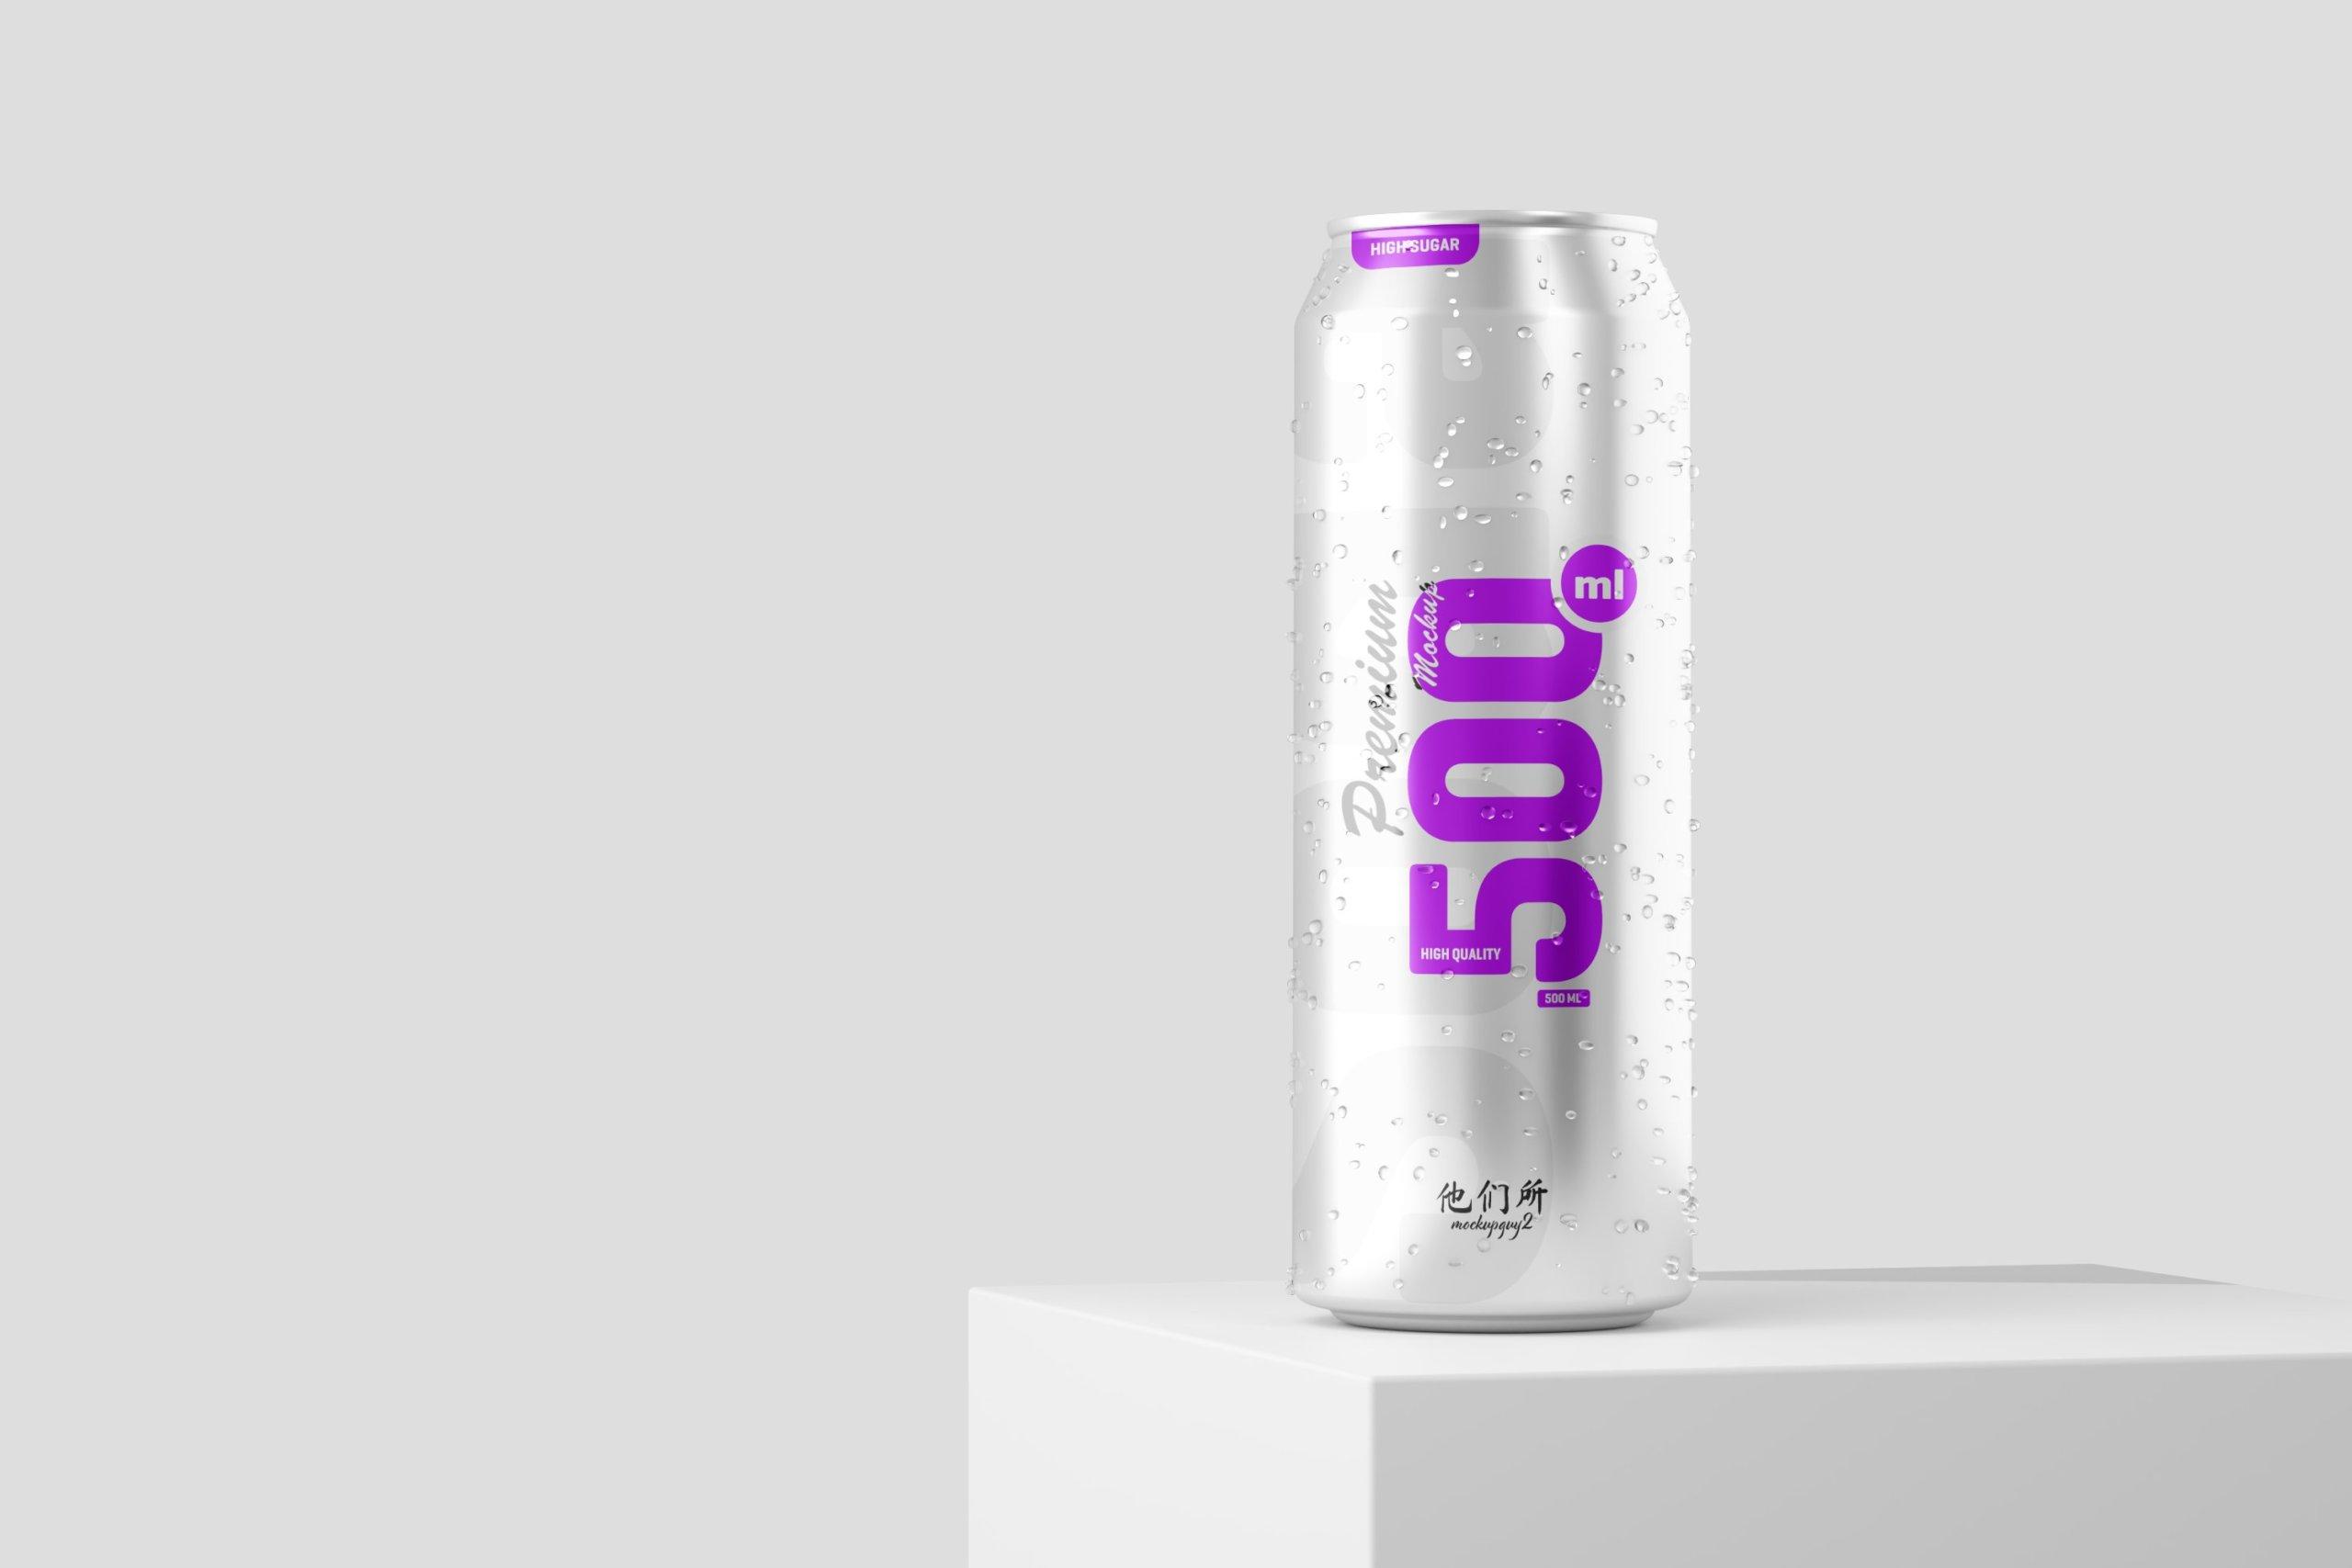 10款500毫升啤酒苏打水饮料锡罐易拉罐PS贴图样机素材 500ml Soda Can Mockup插图9